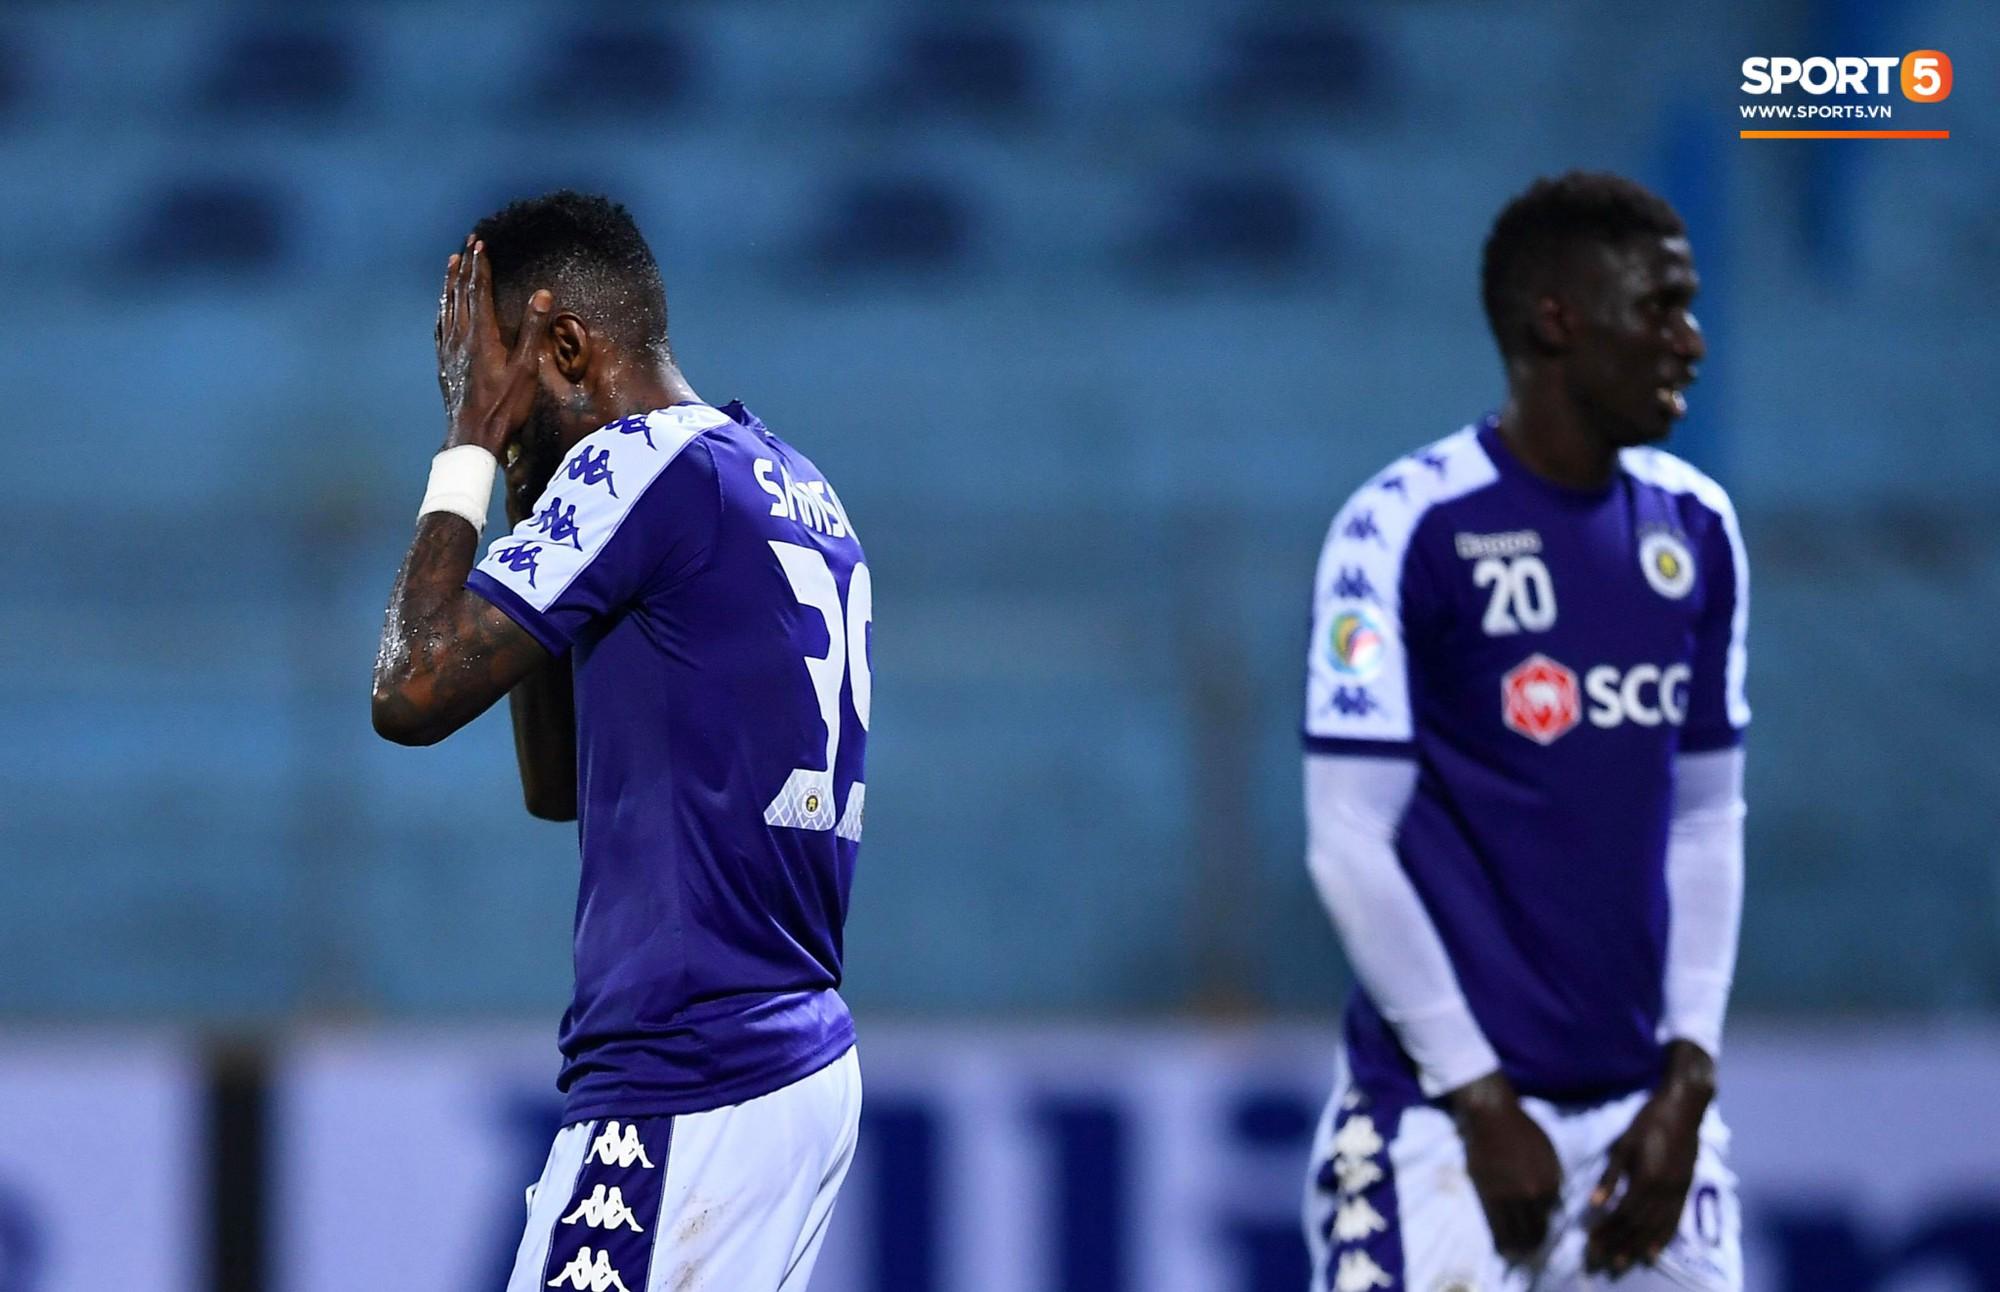 HLV Park Hang Seo, thủ môn Tiến Dũng phản ứng đầy cảm xúc khi Hà Nội FC thua ở AFC Cup 2019-6